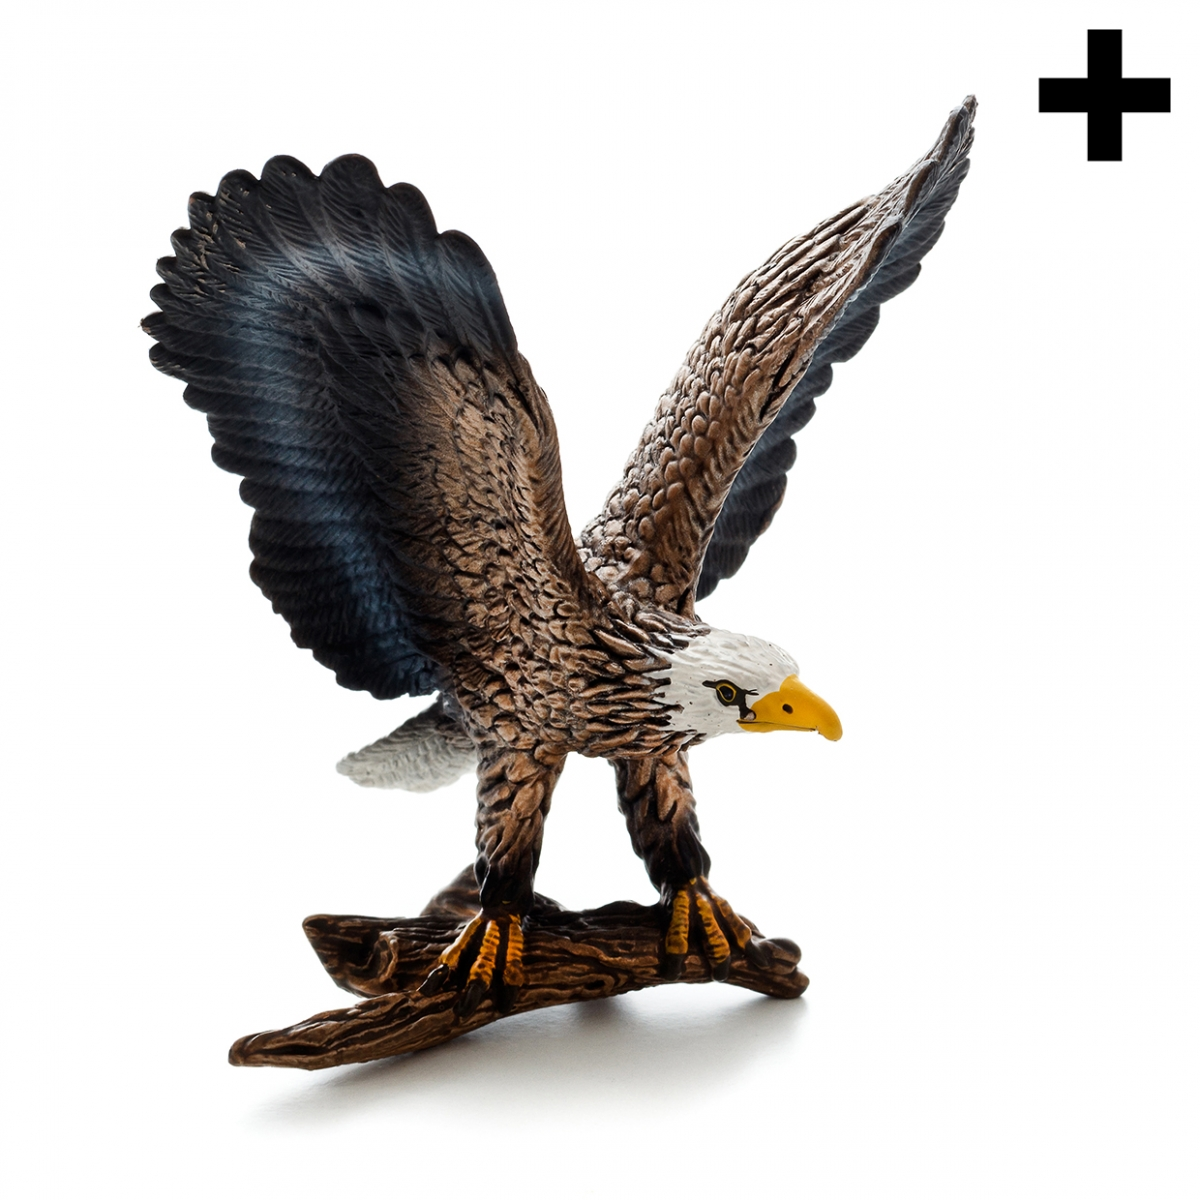 Imagen en la que se ve un águila posada sobre una rama